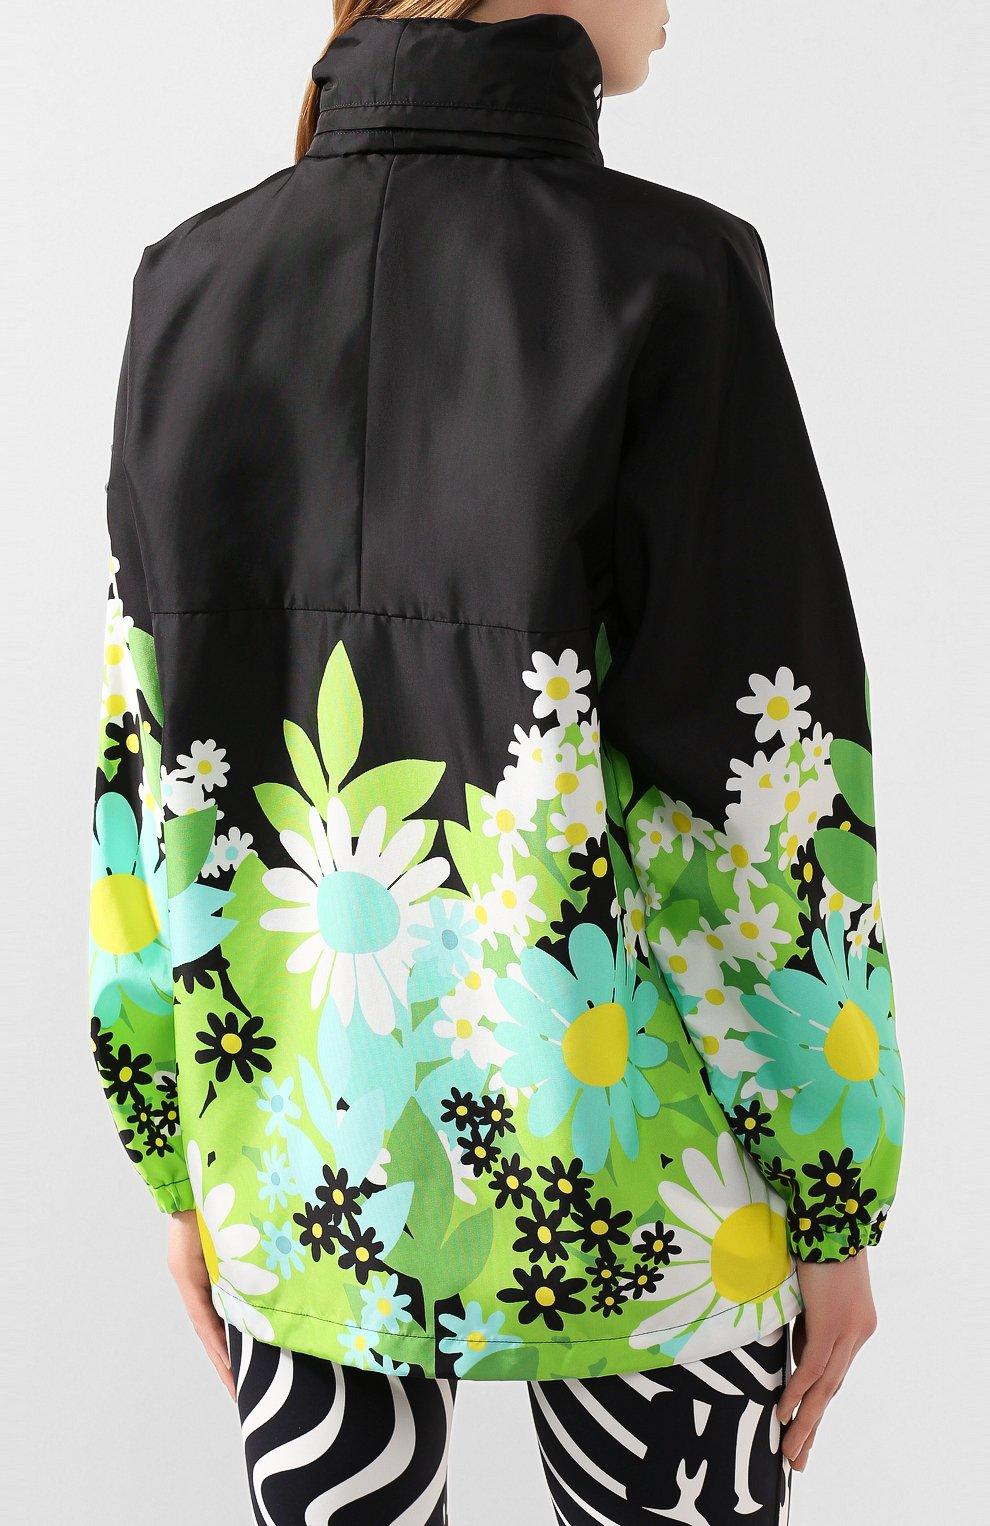 Женская куртка 0 moncler richard quinn MONCLER GENIUS разноцветного цвета, арт. F1-09F-1A704-00-539WL | Фото 4